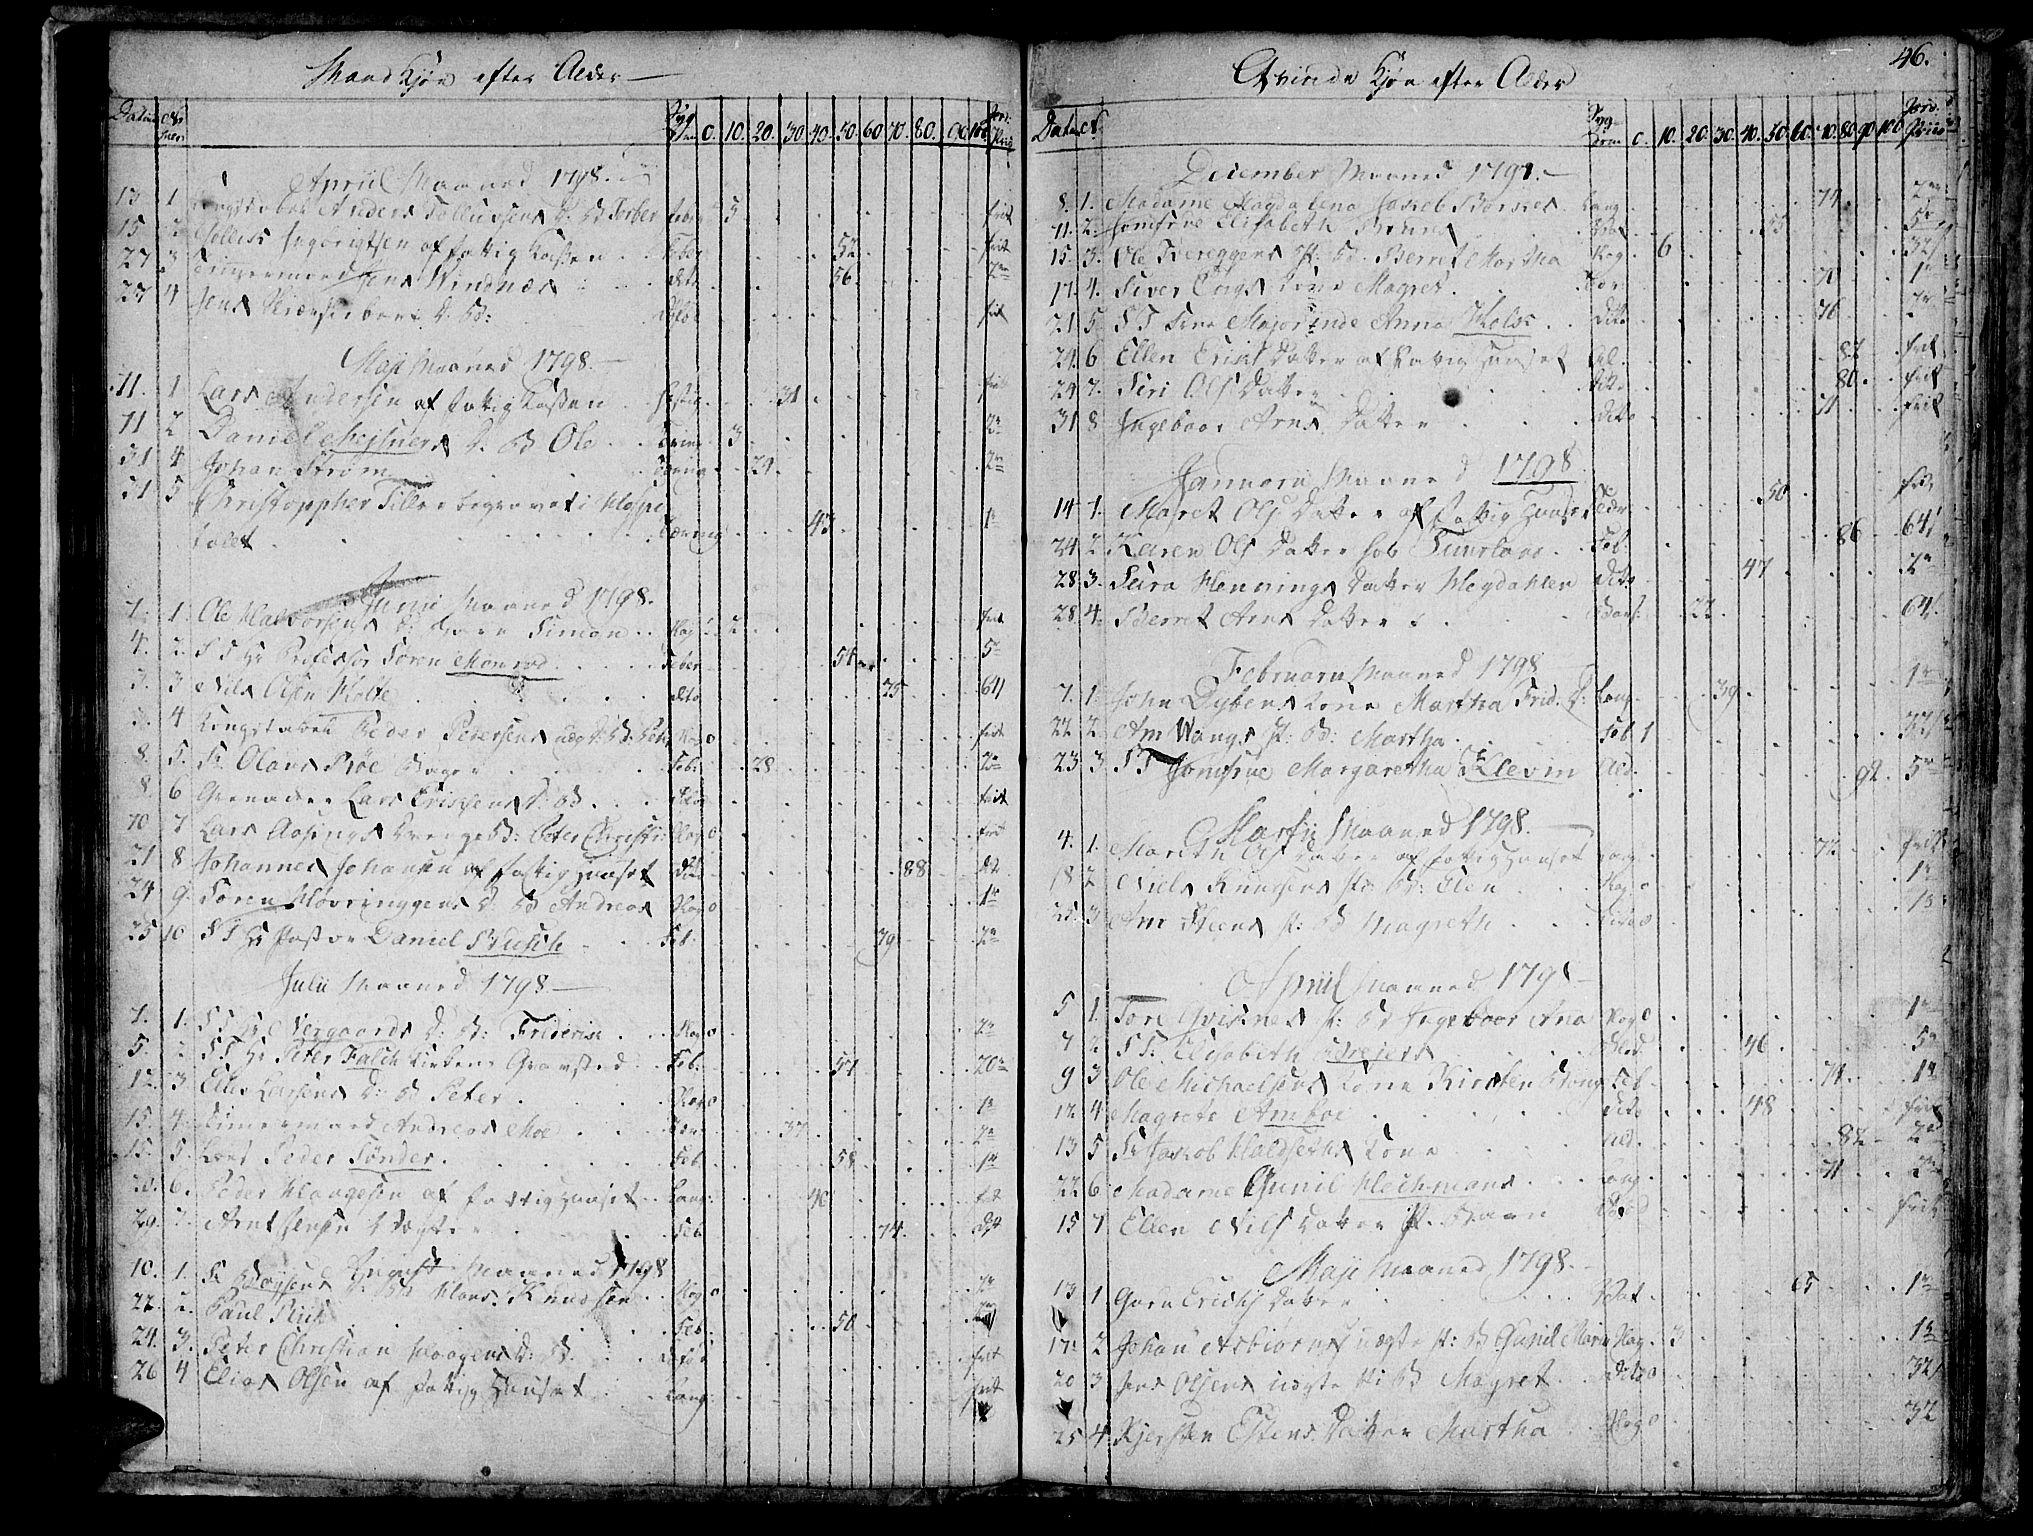 SAT, Ministerialprotokoller, klokkerbøker og fødselsregistre - Sør-Trøndelag, 601/L0040: Ministerialbok nr. 601A08, 1783-1818, s. 46